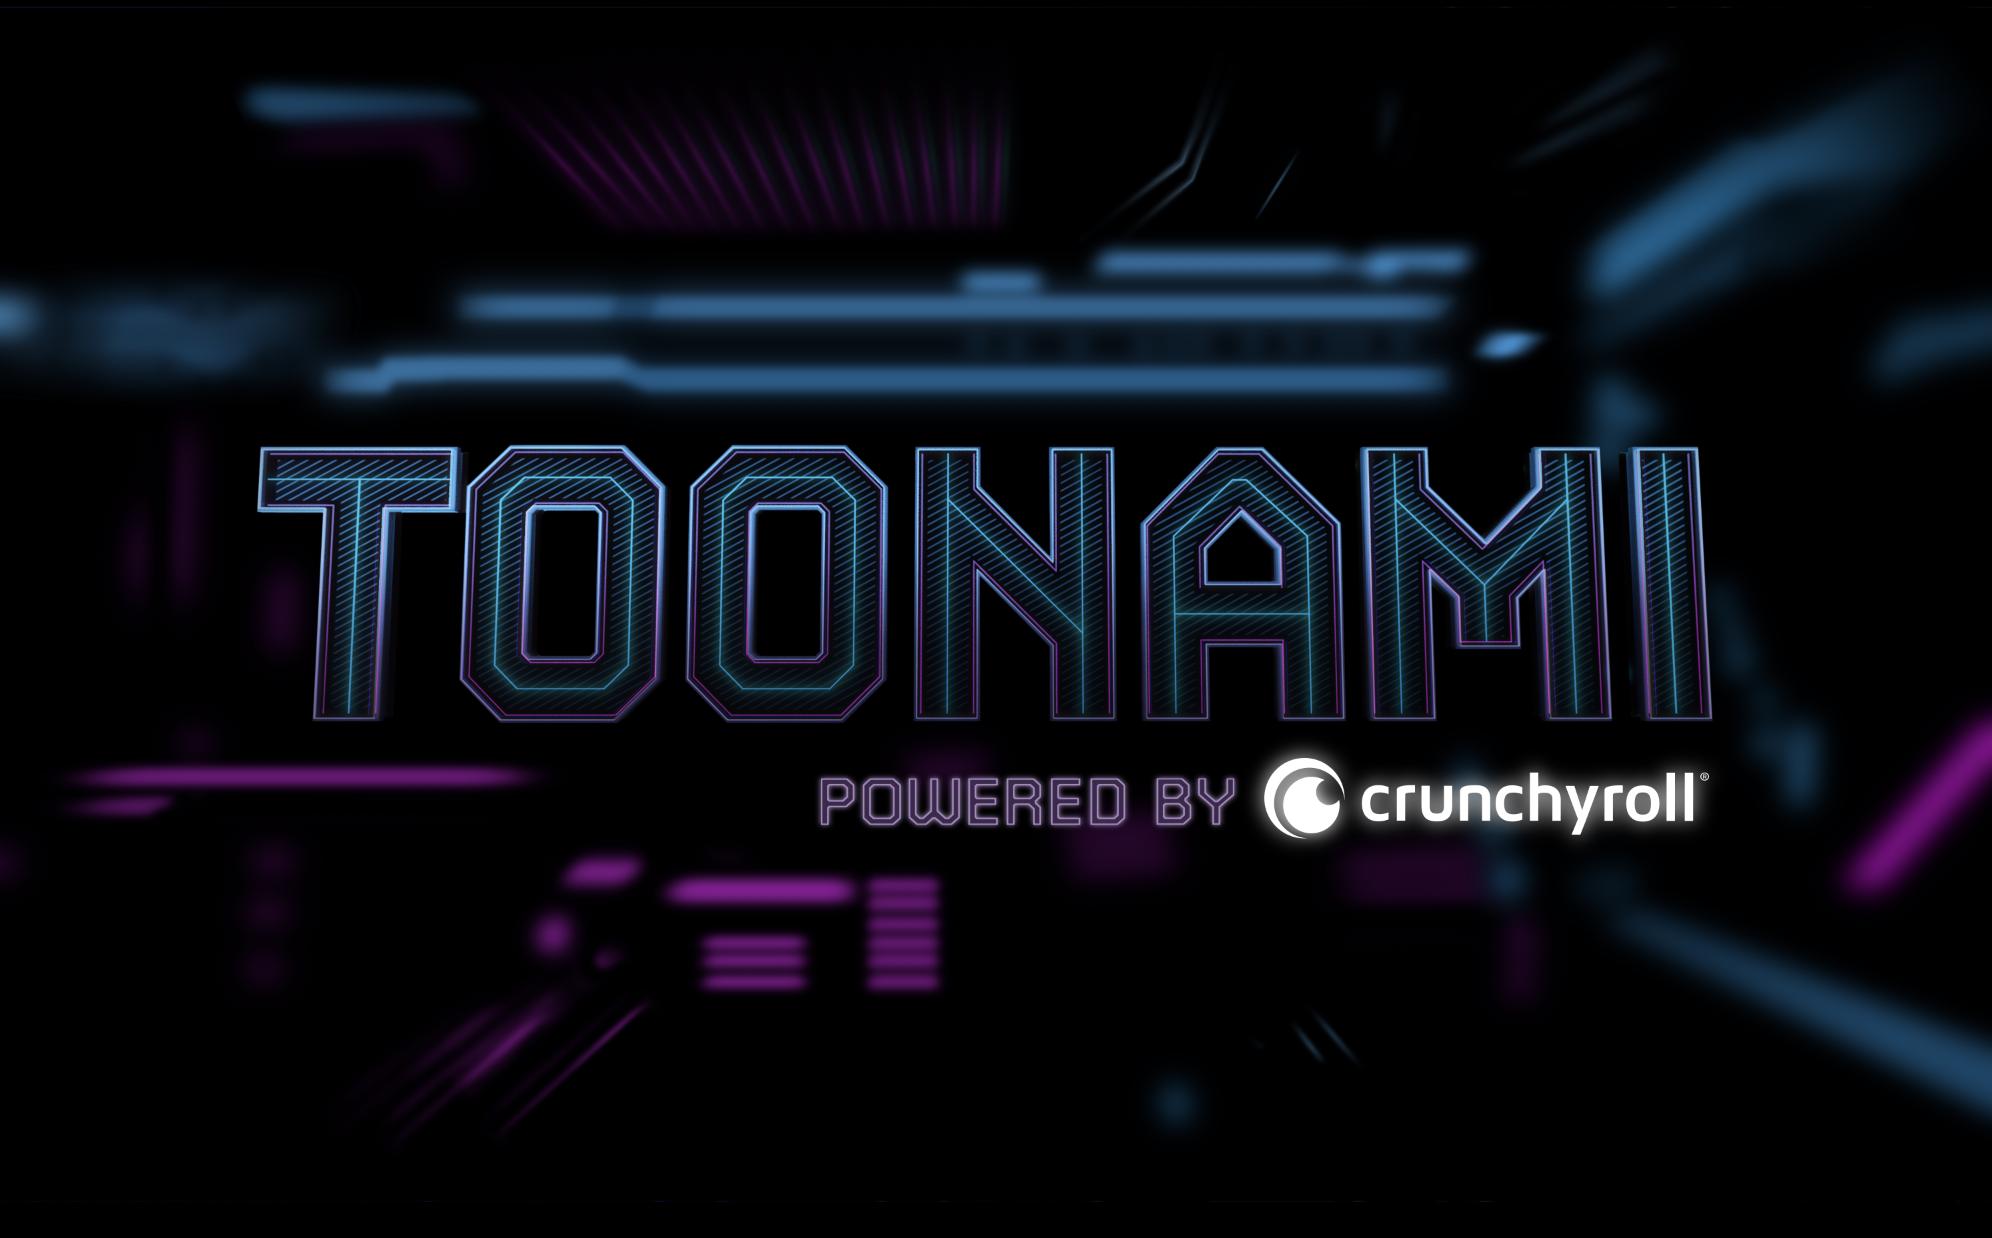 Toonami and Crunchyroll